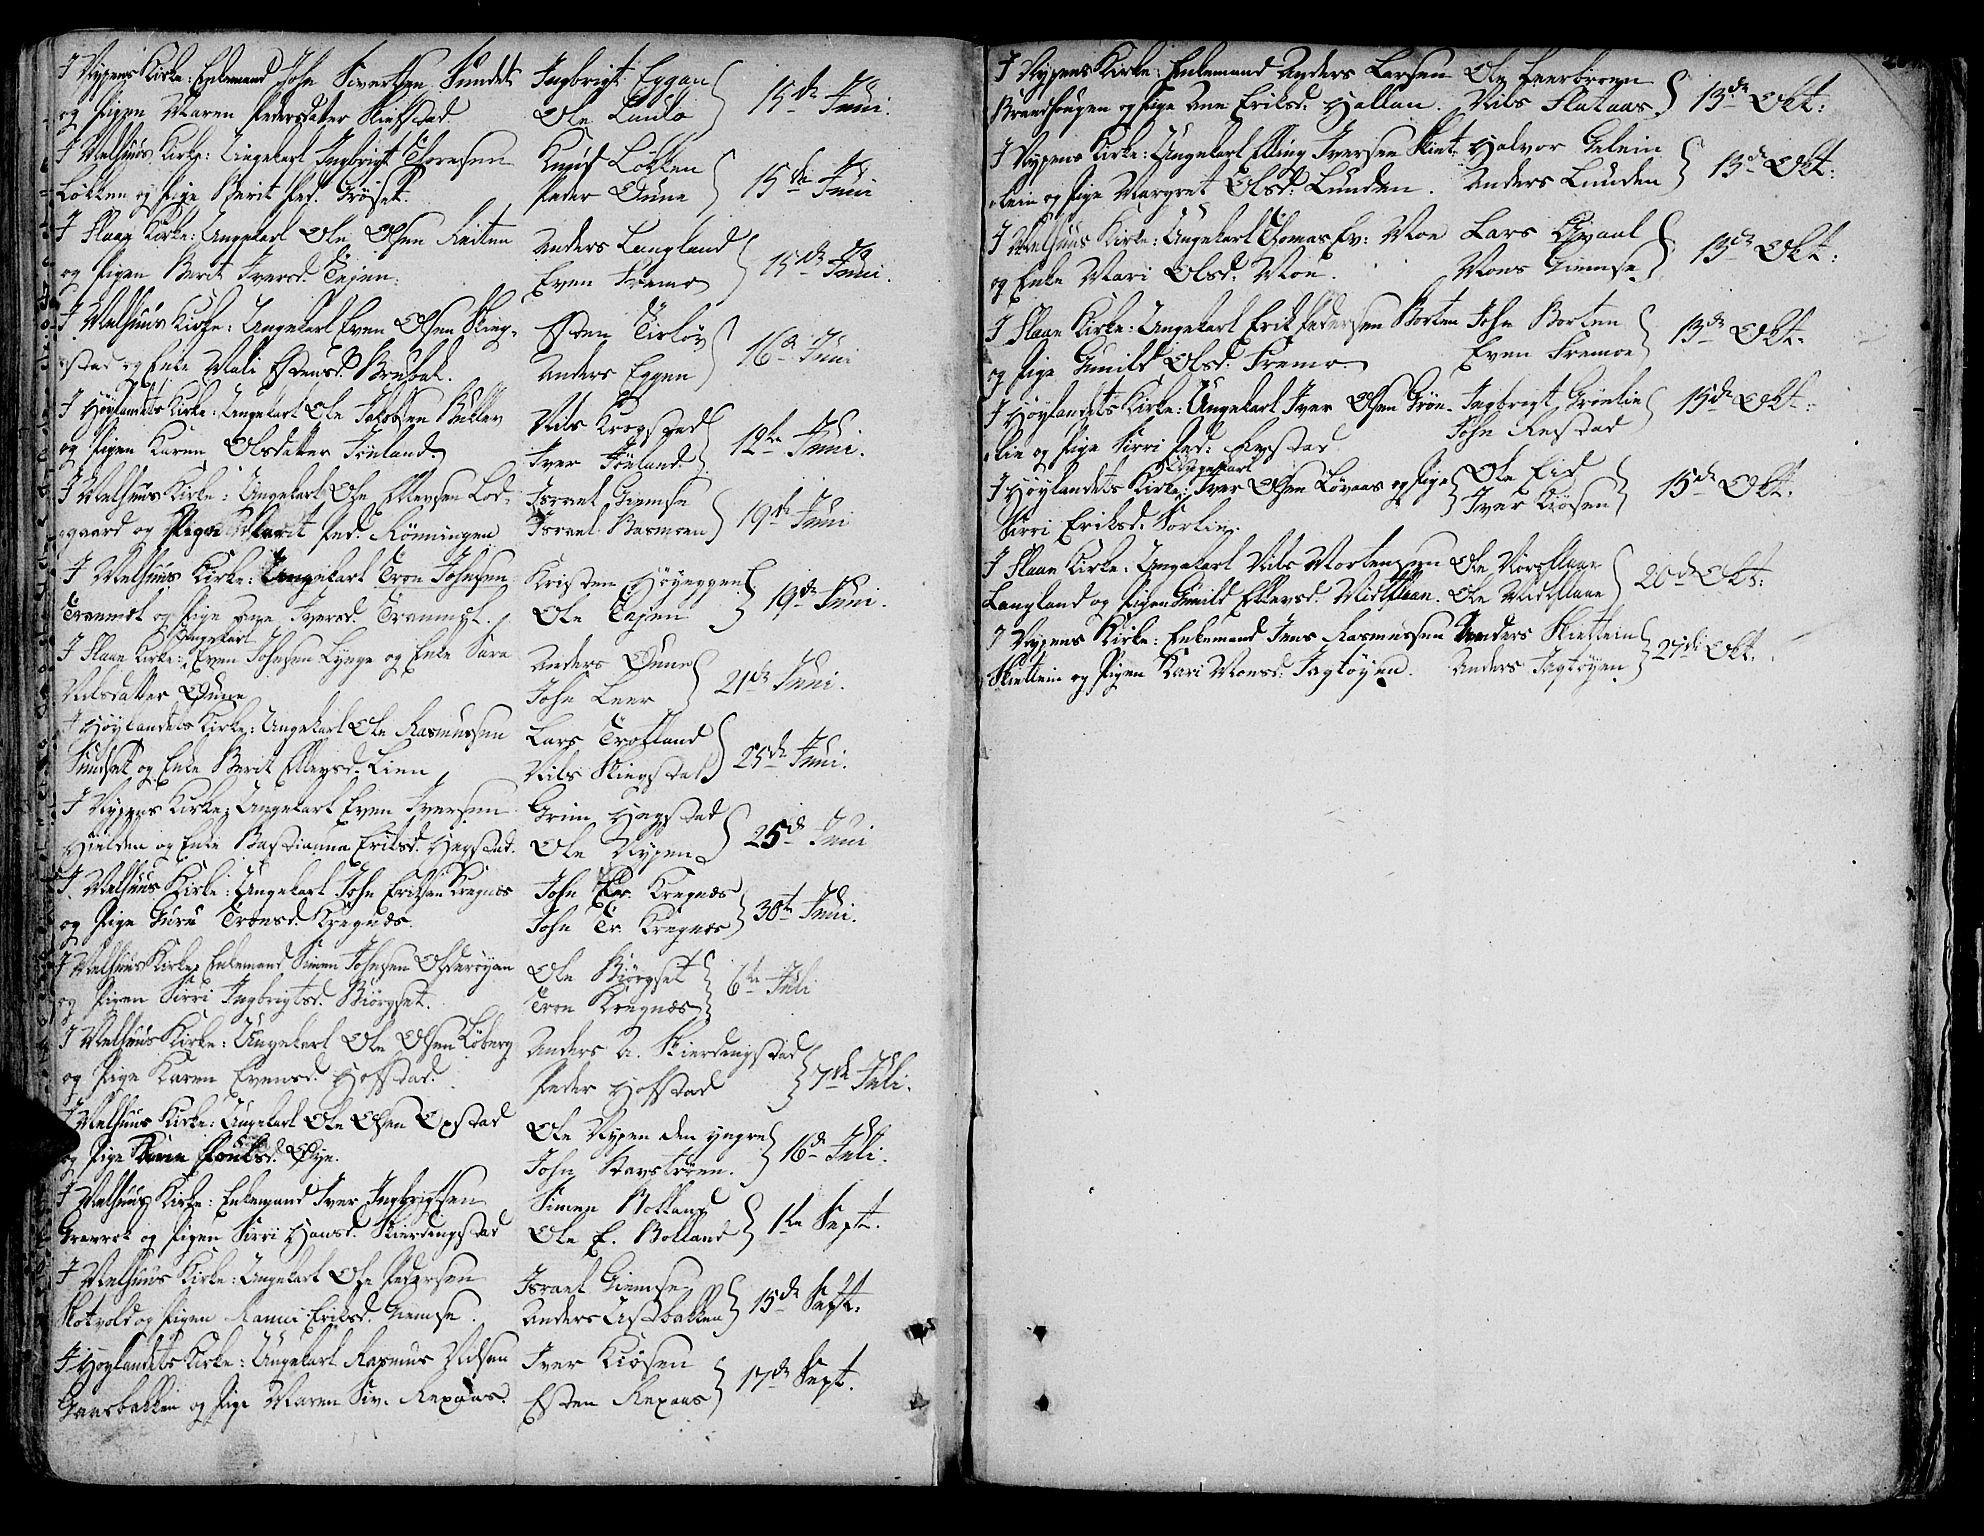 SAT, Ministerialprotokoller, klokkerbøker og fødselsregistre - Sør-Trøndelag, 691/L1061: Ministerialbok nr. 691A02 /1, 1768-1815, s. 204